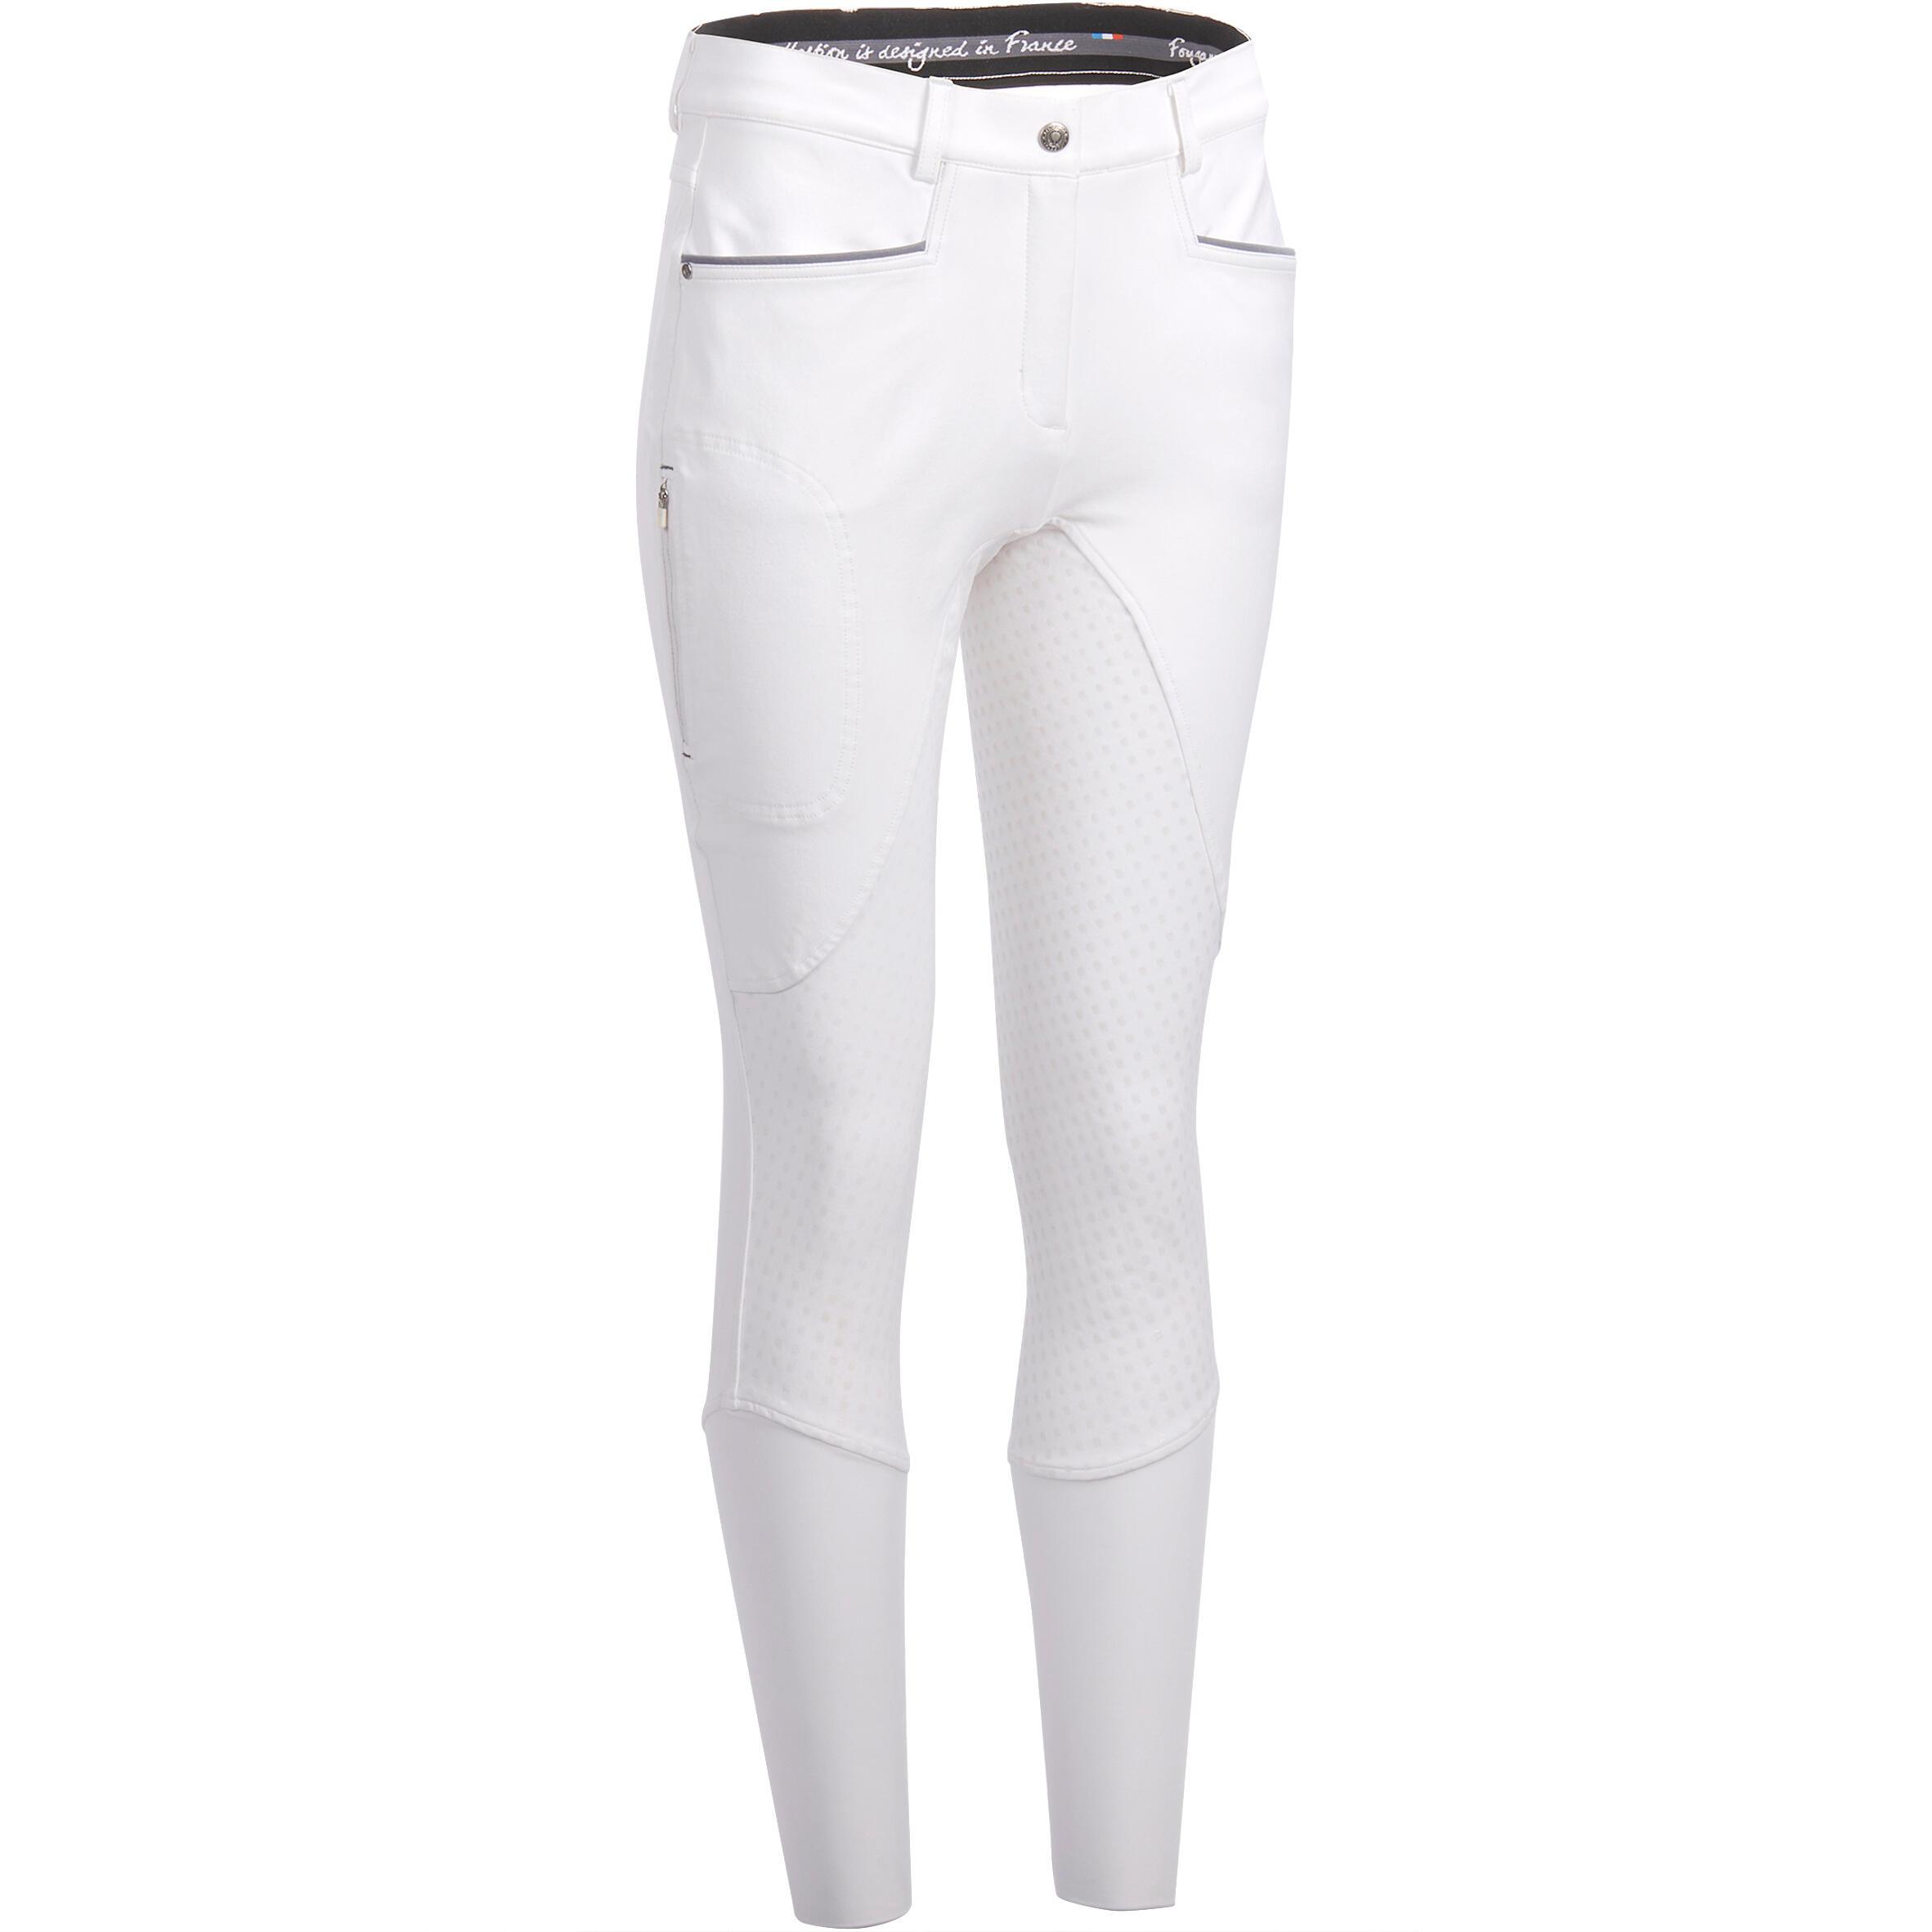 Turnierreithose 580 Fullgrip Silikonvollbesatz Damen weiß   Sportbekleidung > Sporthosen > Sonstige Sporthosen   Fouganza